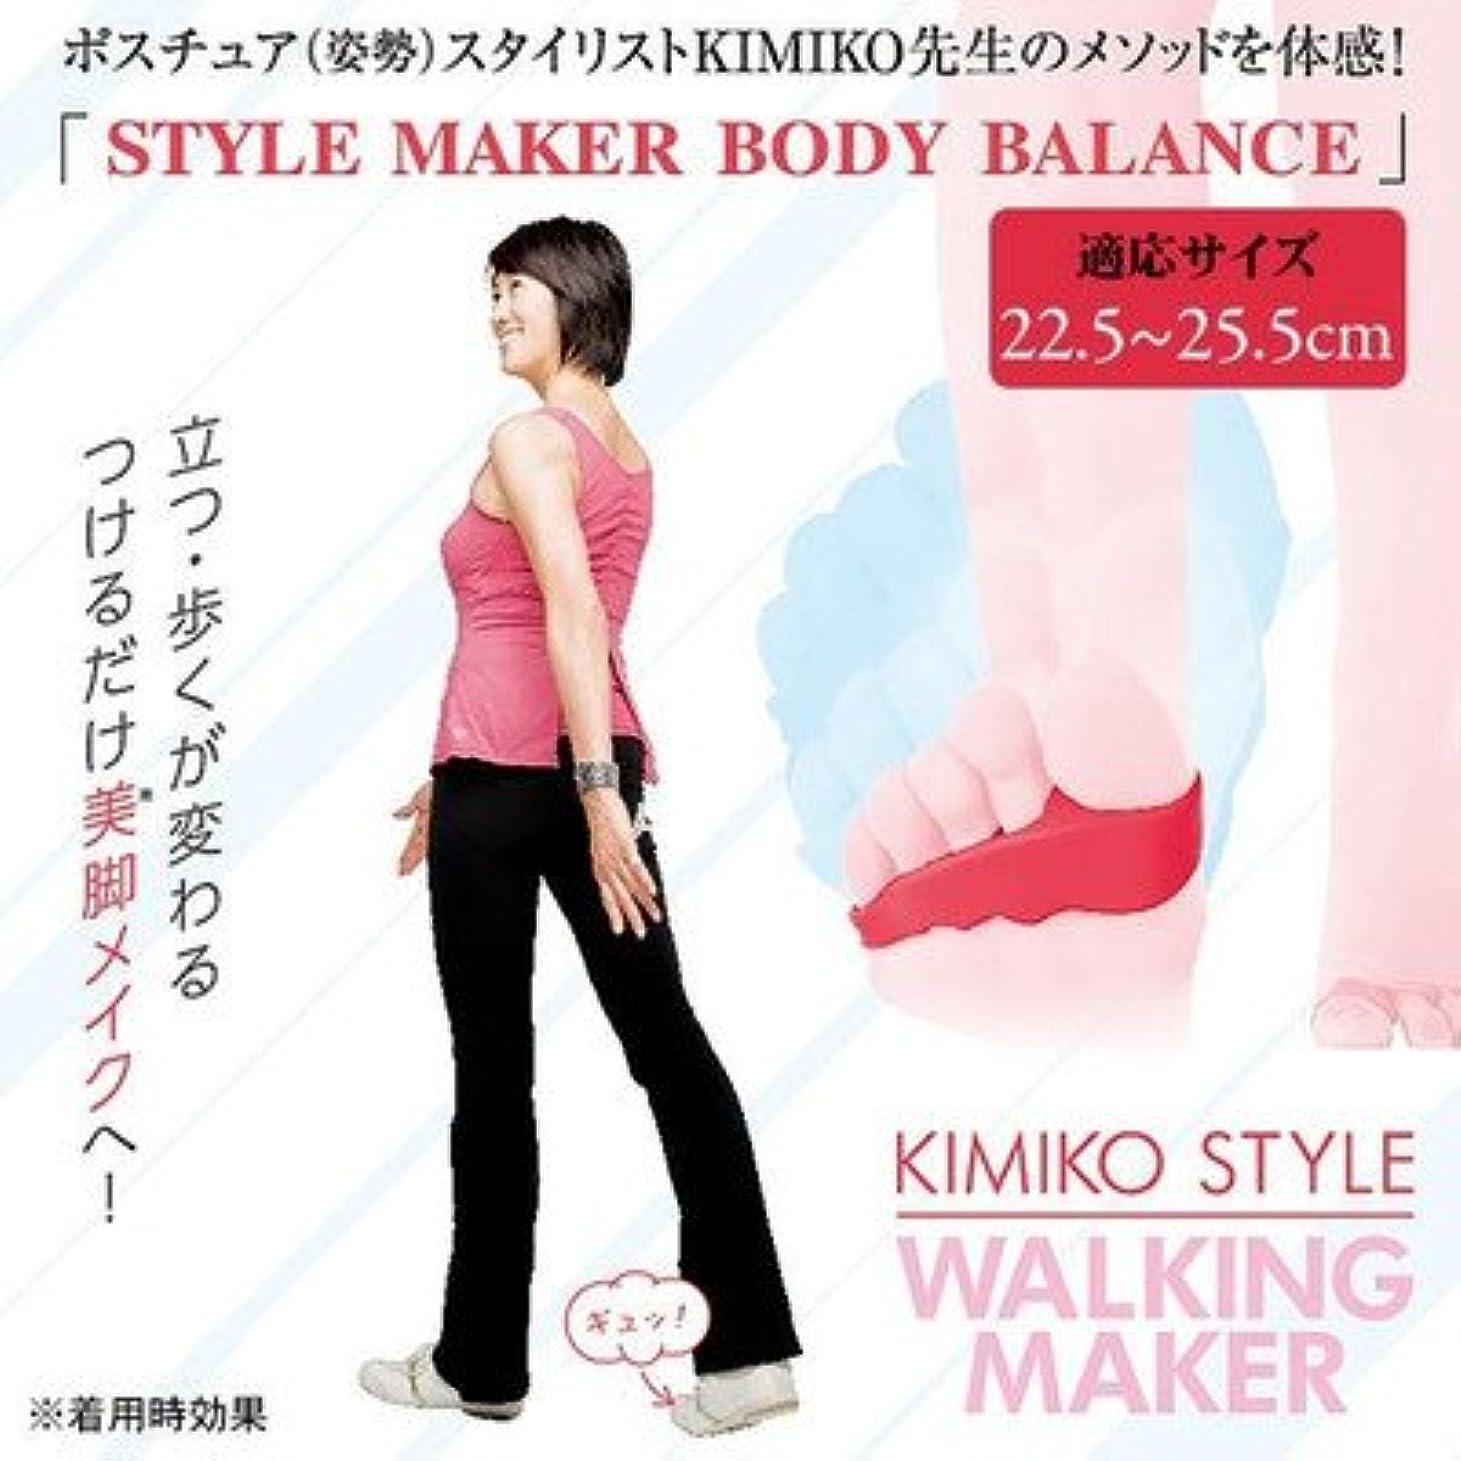 ピニオンアセ繰り返した付けて歩いて 正しい歩行姿勢へナビゲート KIMIKO STYLE キミコスタイル WALKING MAKER ウォーキングメーカー 1足入